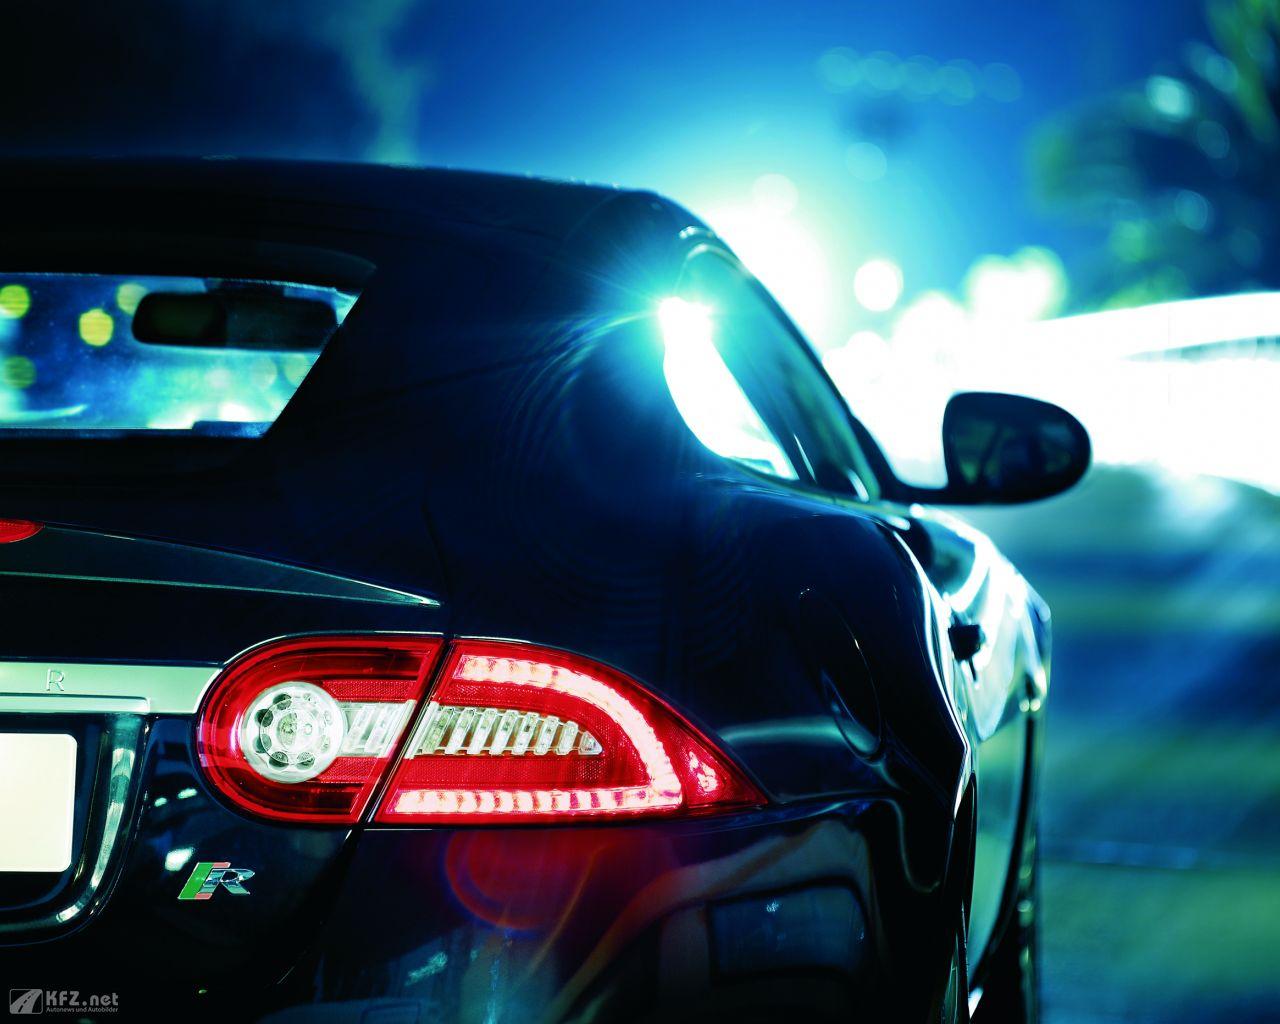 jaguar-xk8-1280x1024-12